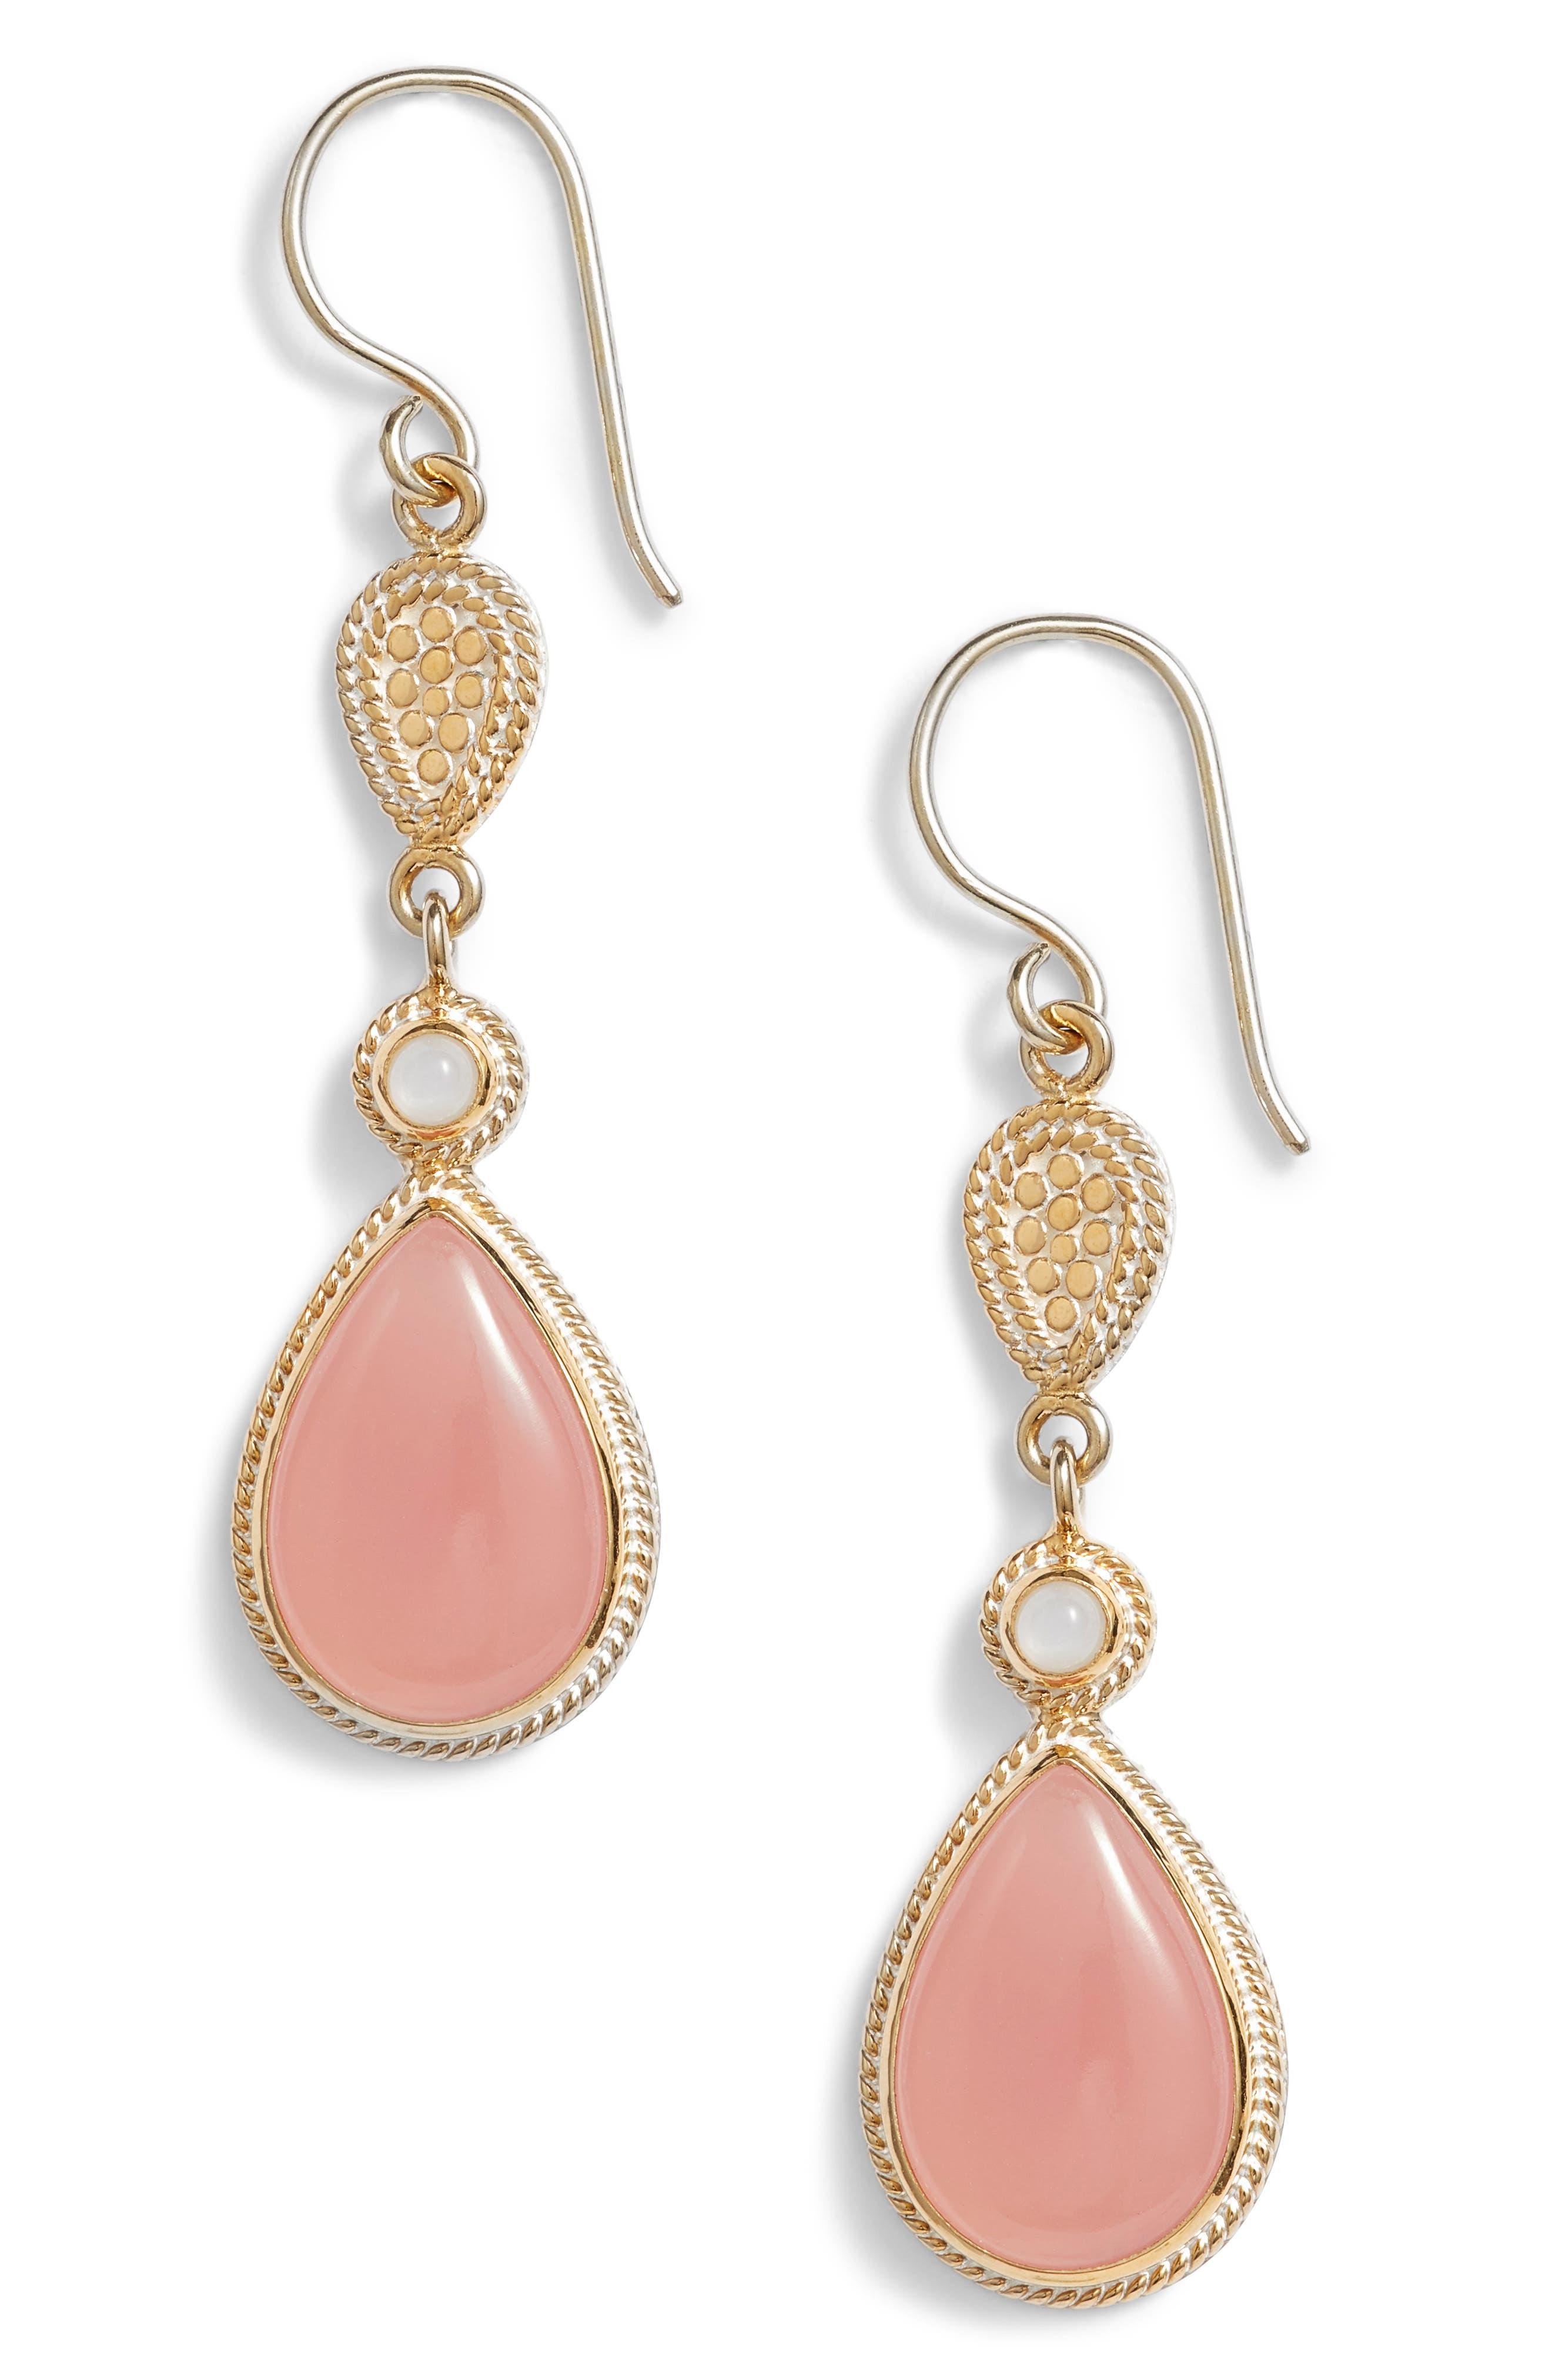 Guava Quartz & Moonstone Drop Earrings,                             Main thumbnail 1, color,                             Gold/ Guava/ Moonstone